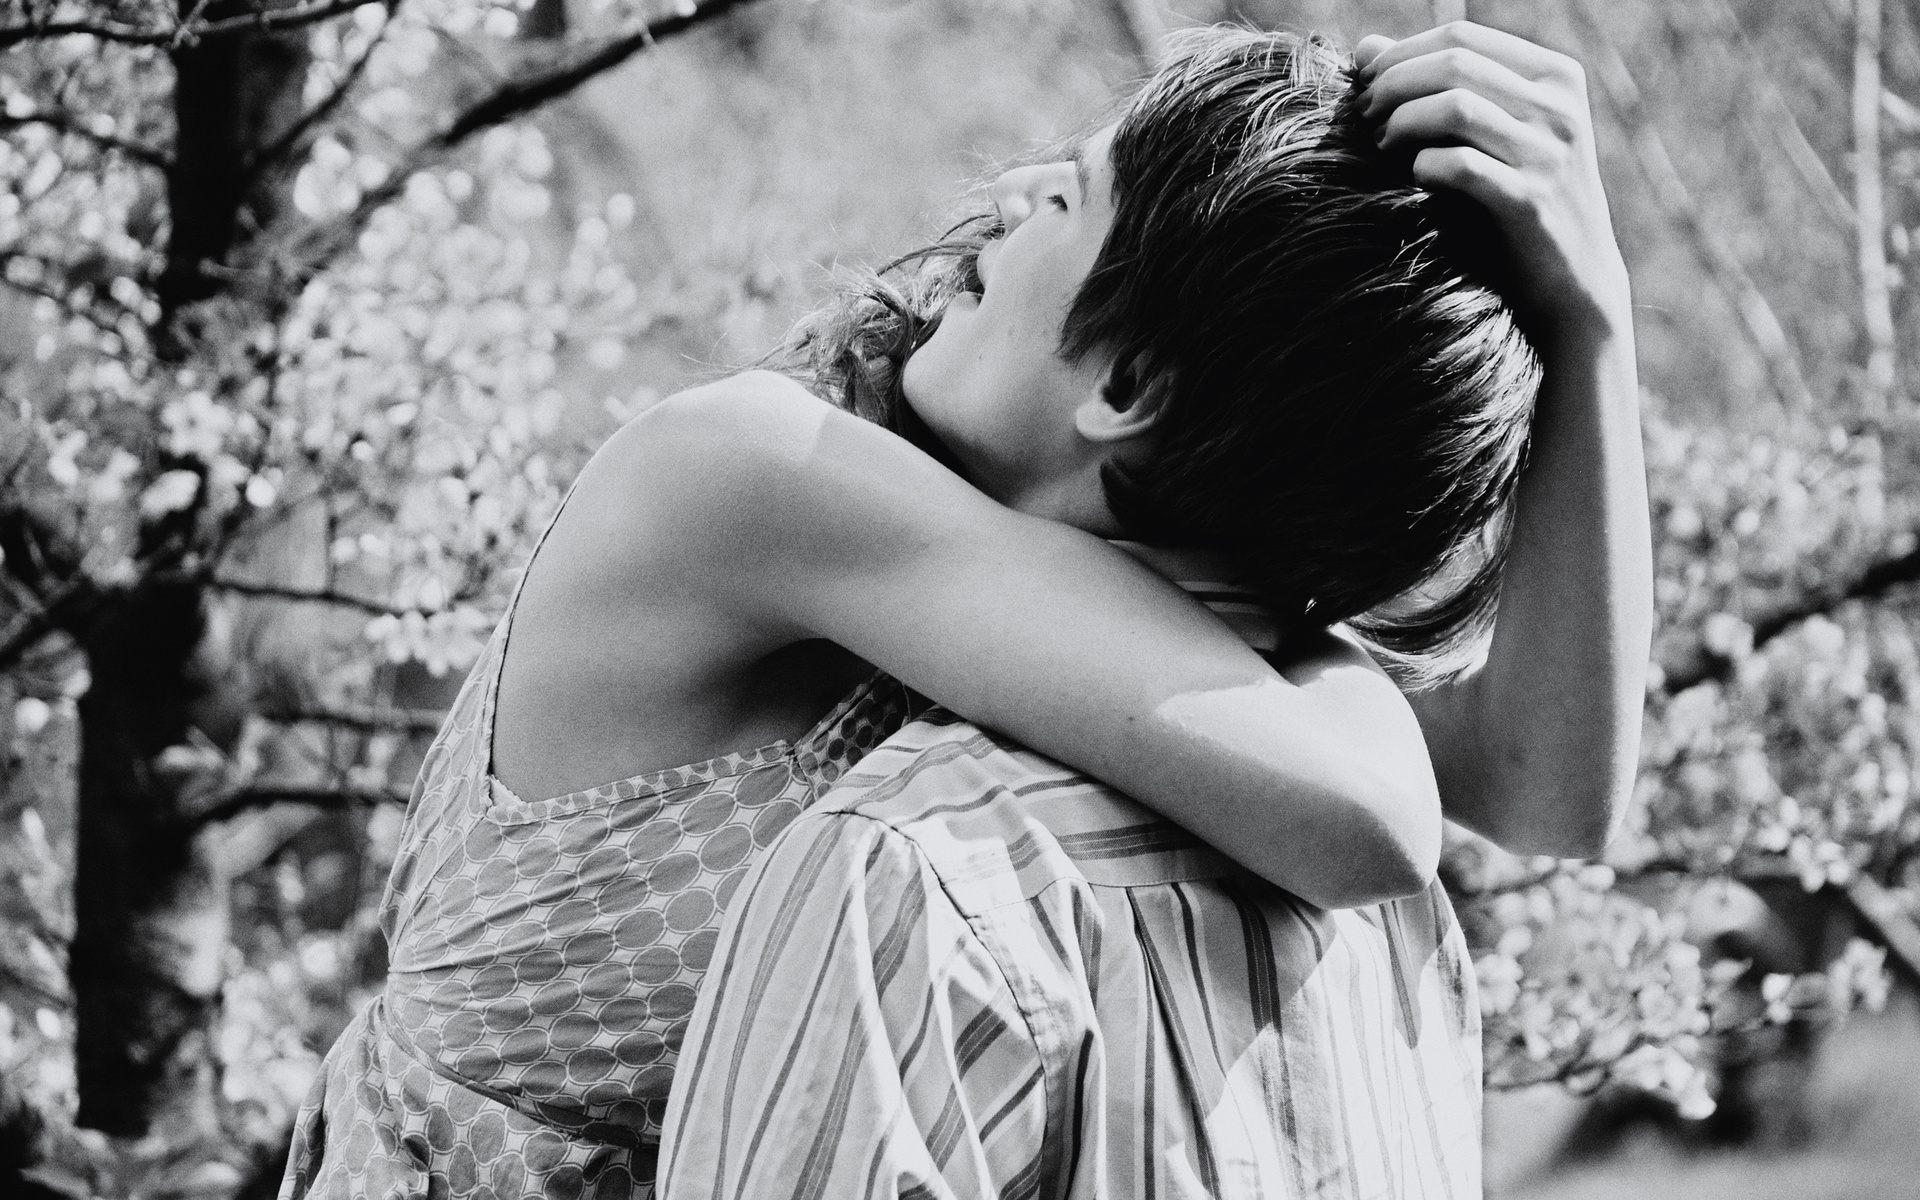 Хлопець засунув руку в грудь дівчині 18 фотография